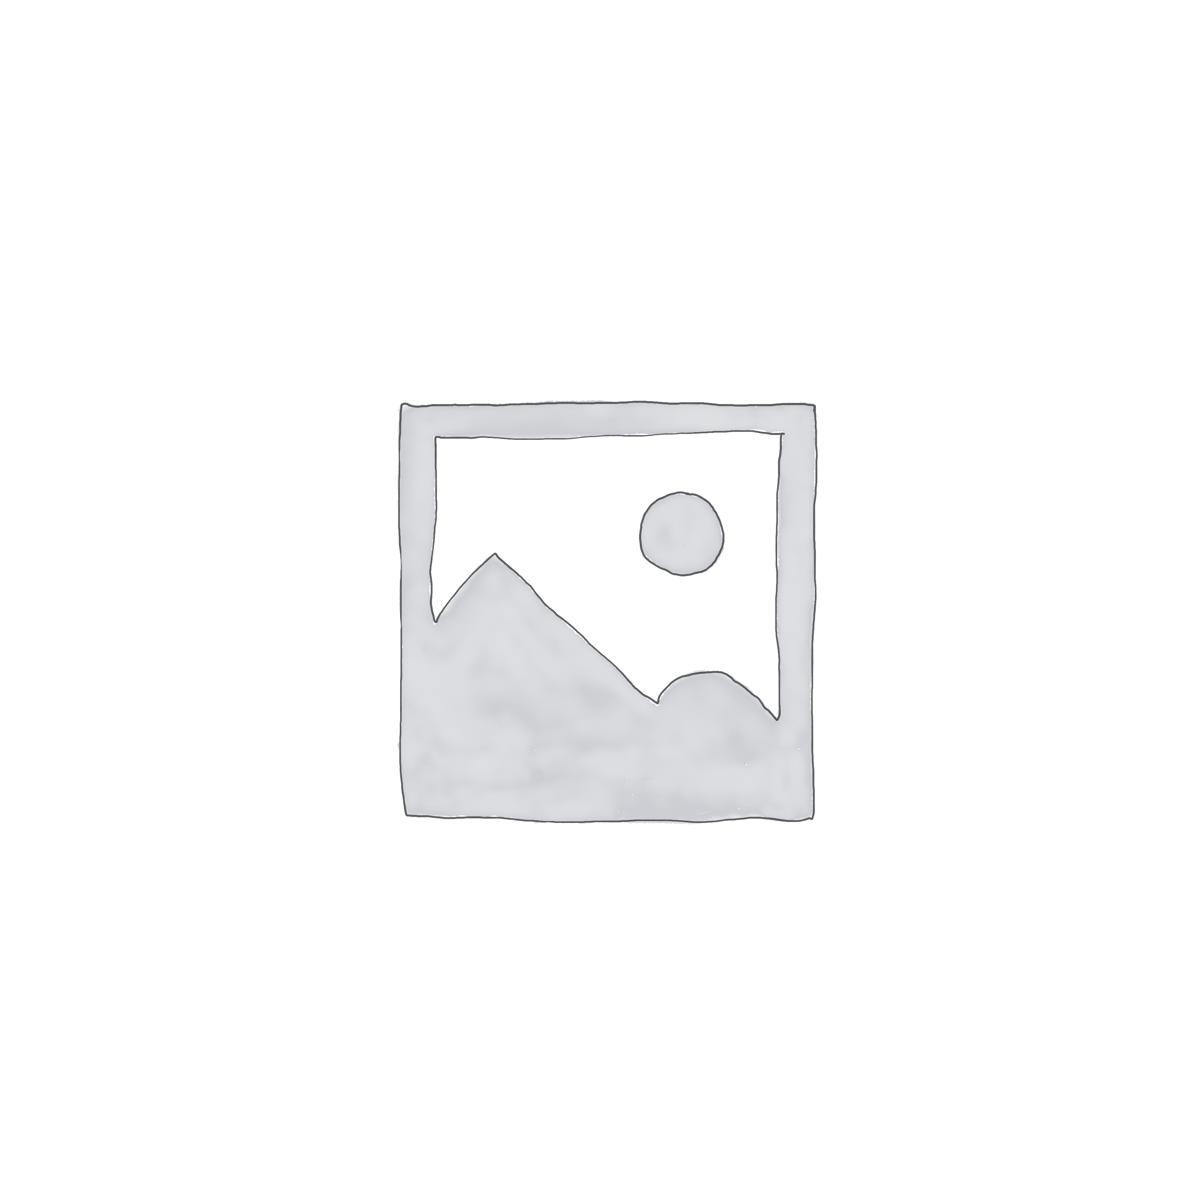 Magical Tropical Rainforest Wallpaper Mural